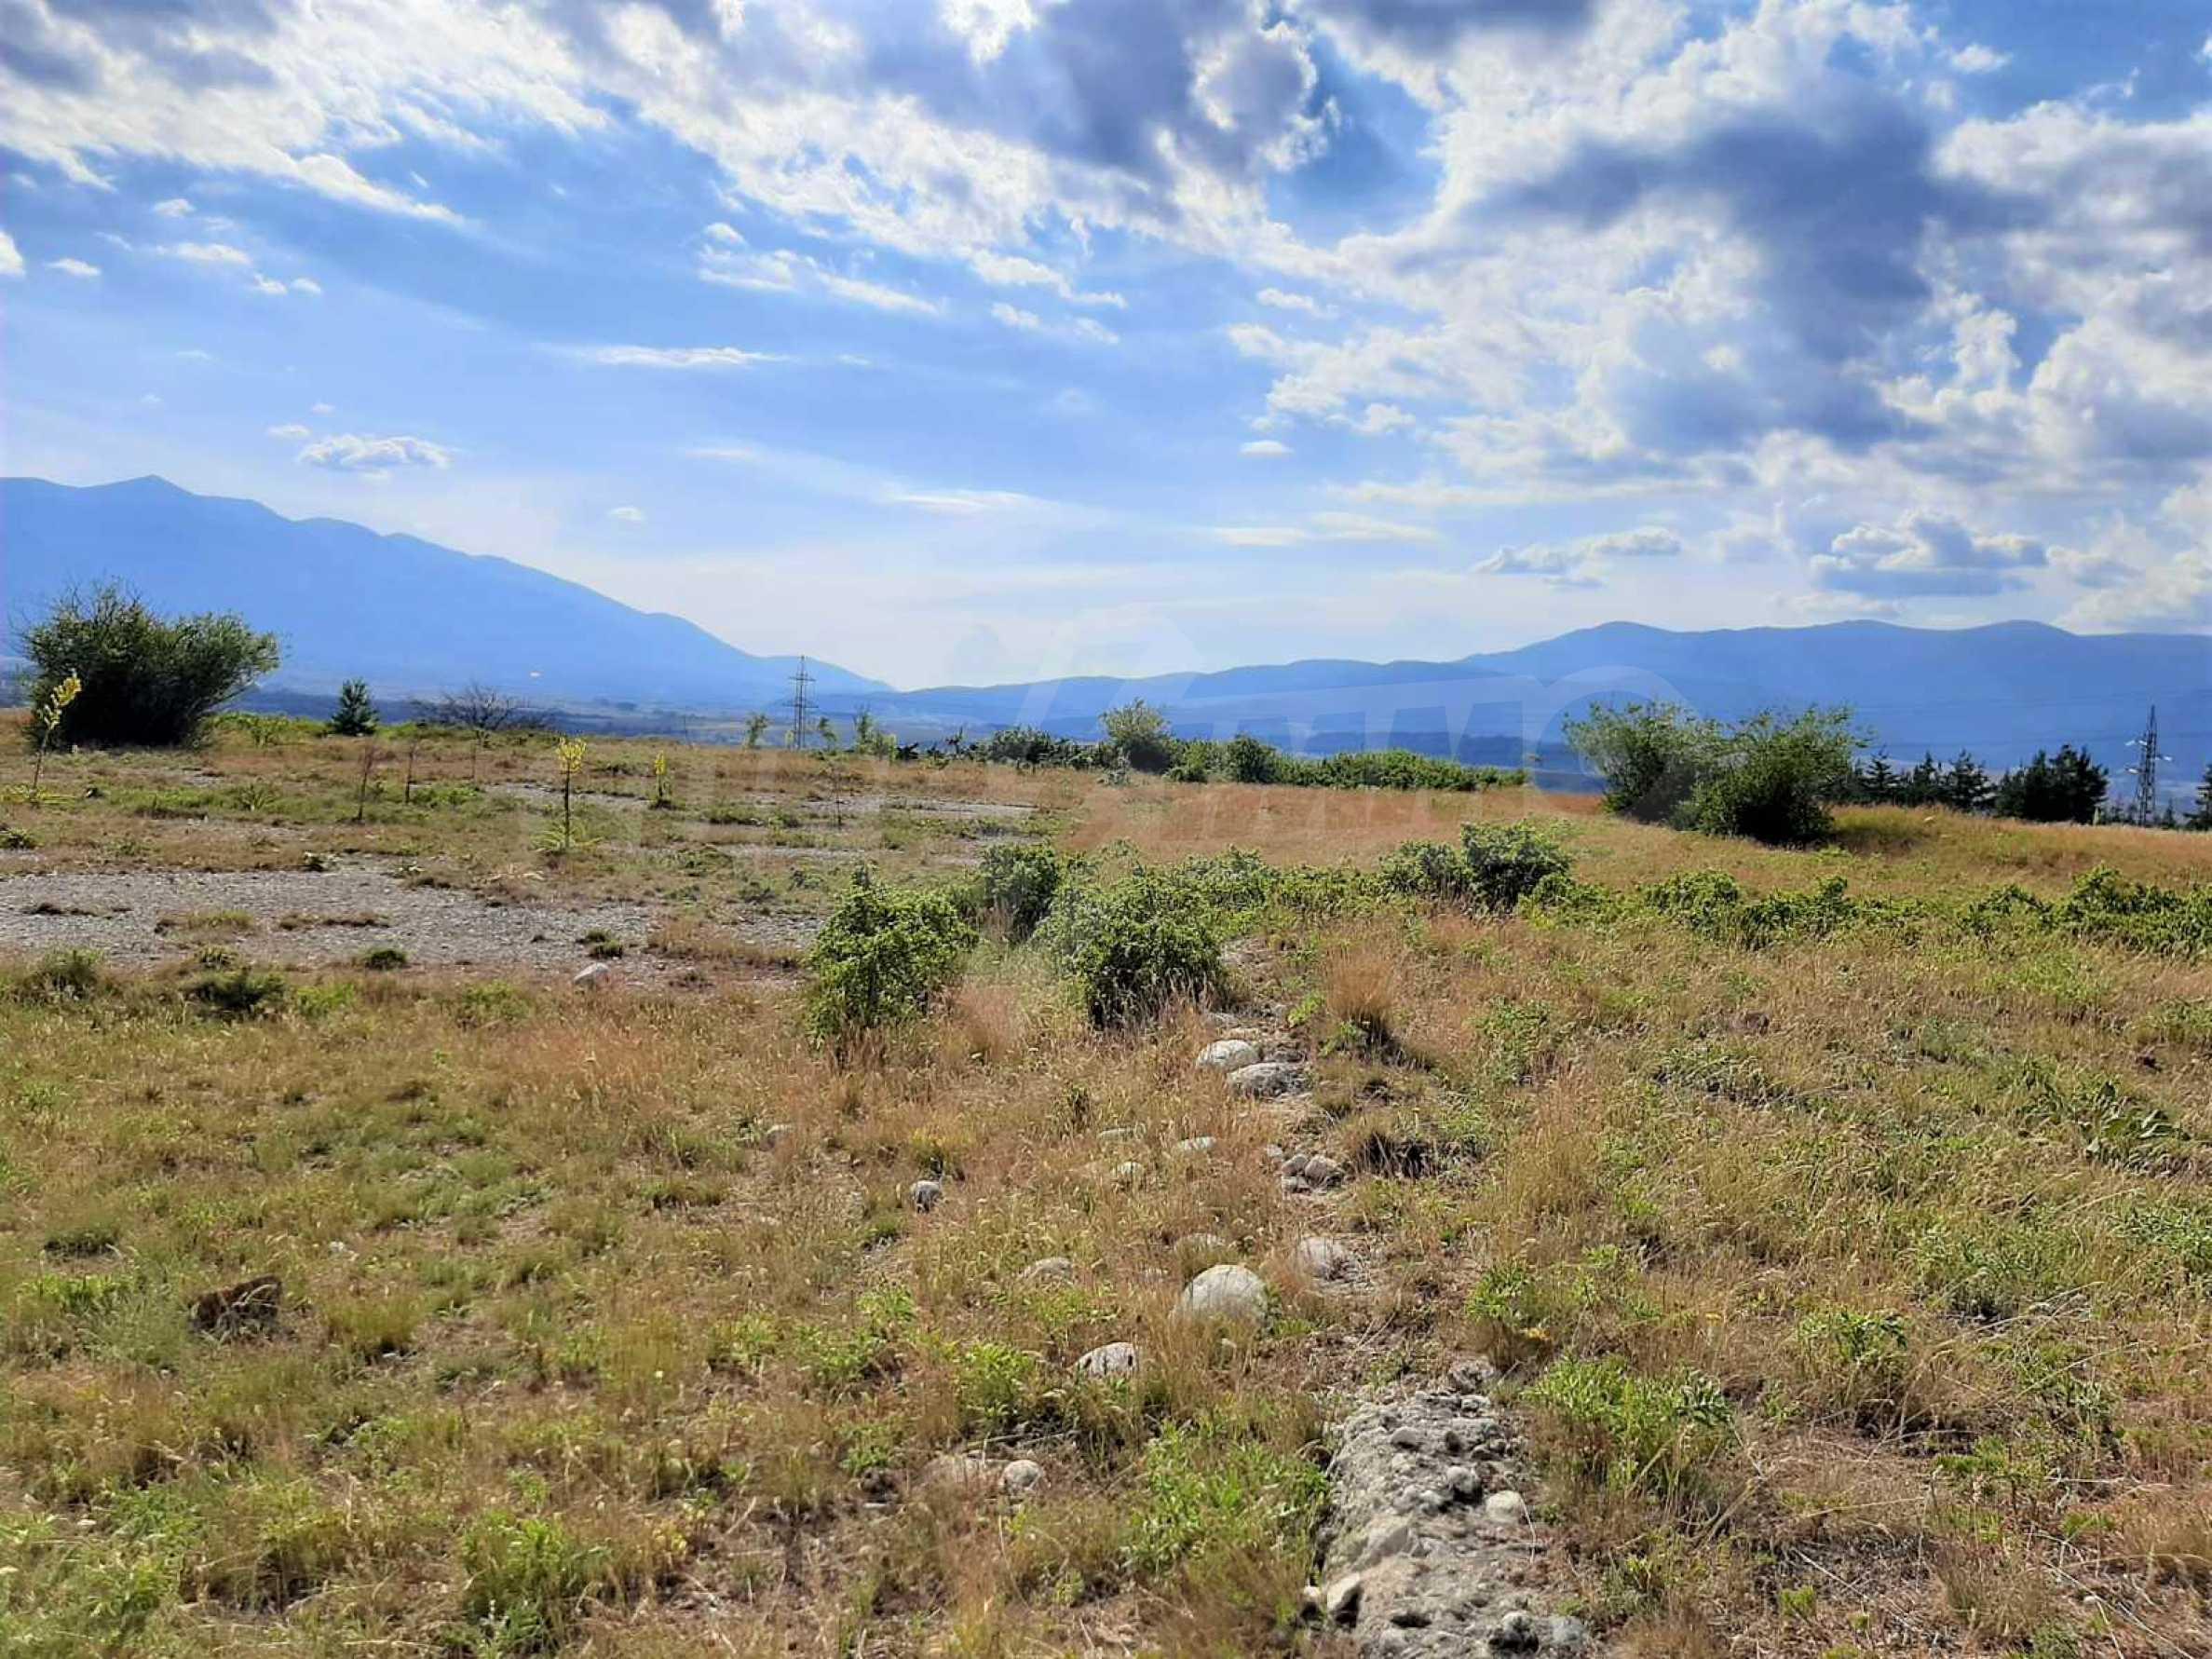 Земельный участок для продажи находится вблизи горнолыжного курорта Банско